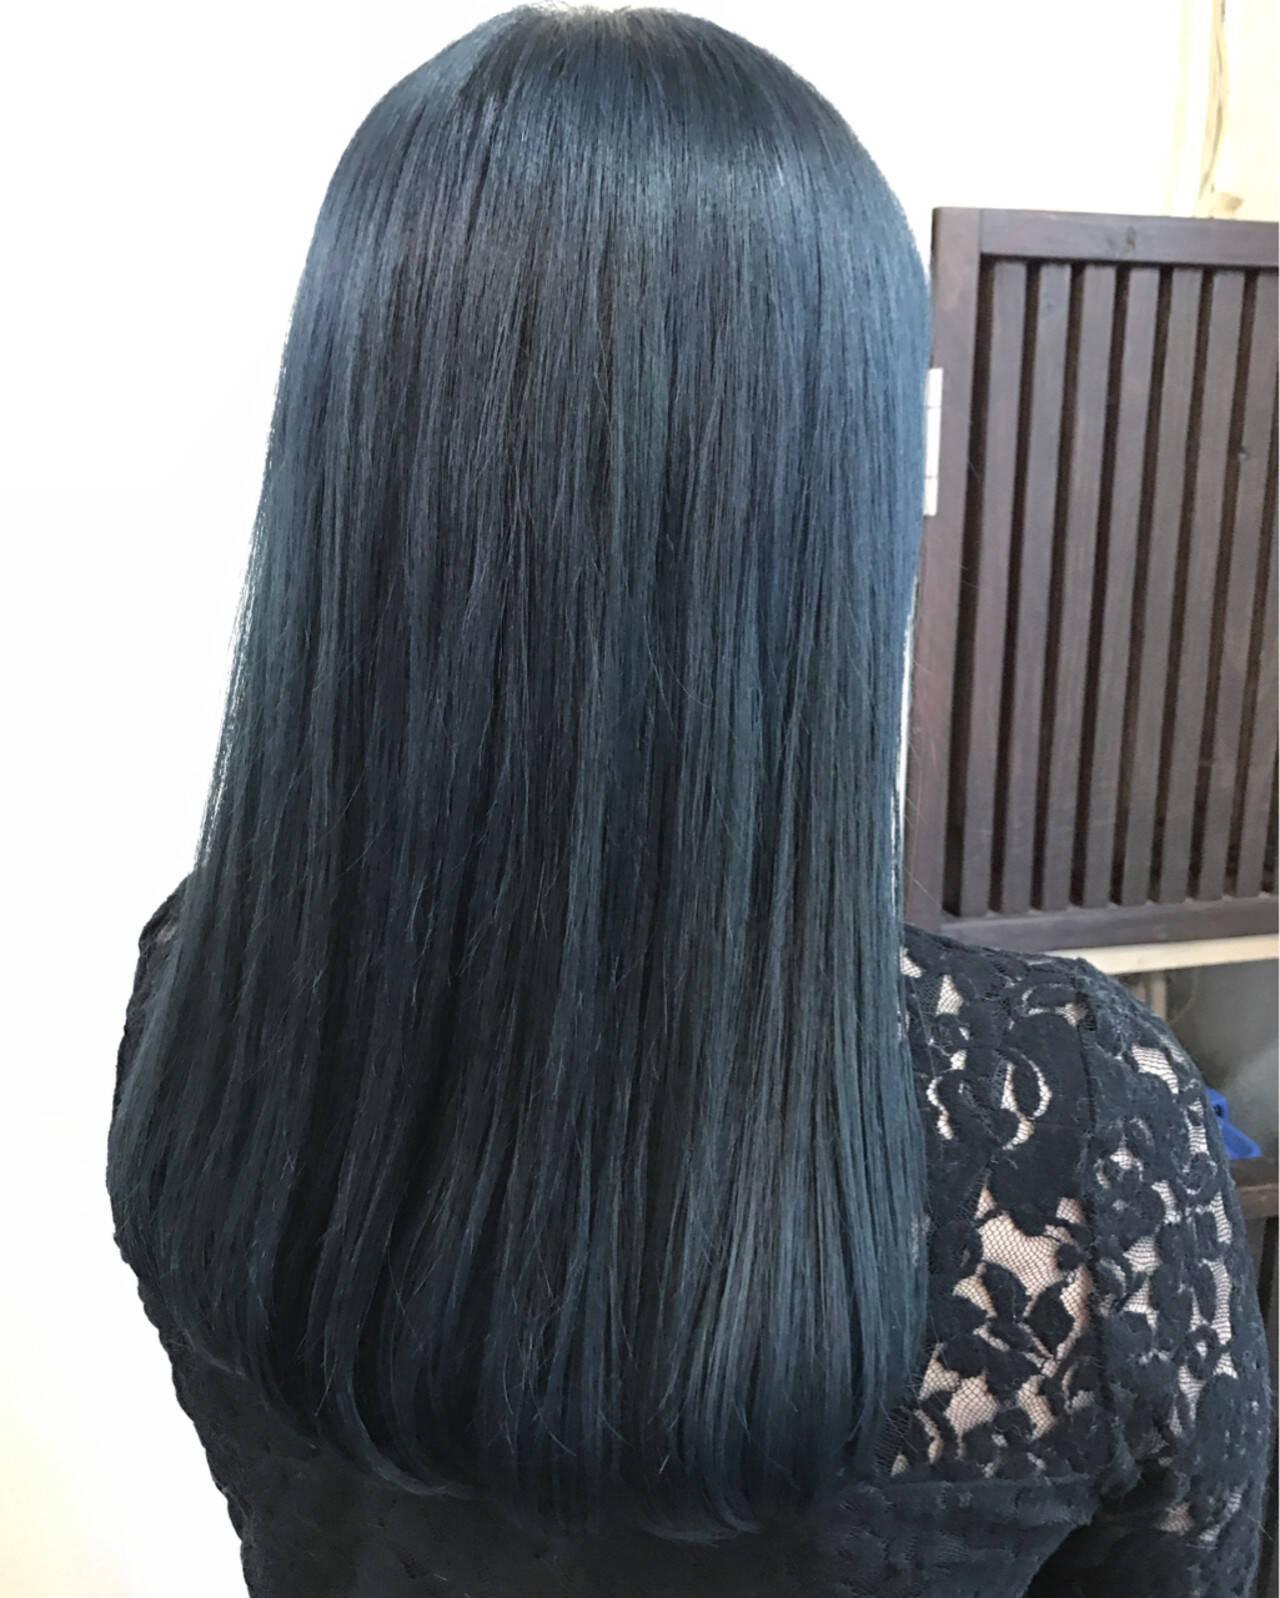 ネイビー ブルー ロング モードヘアスタイルや髪型の写真・画像